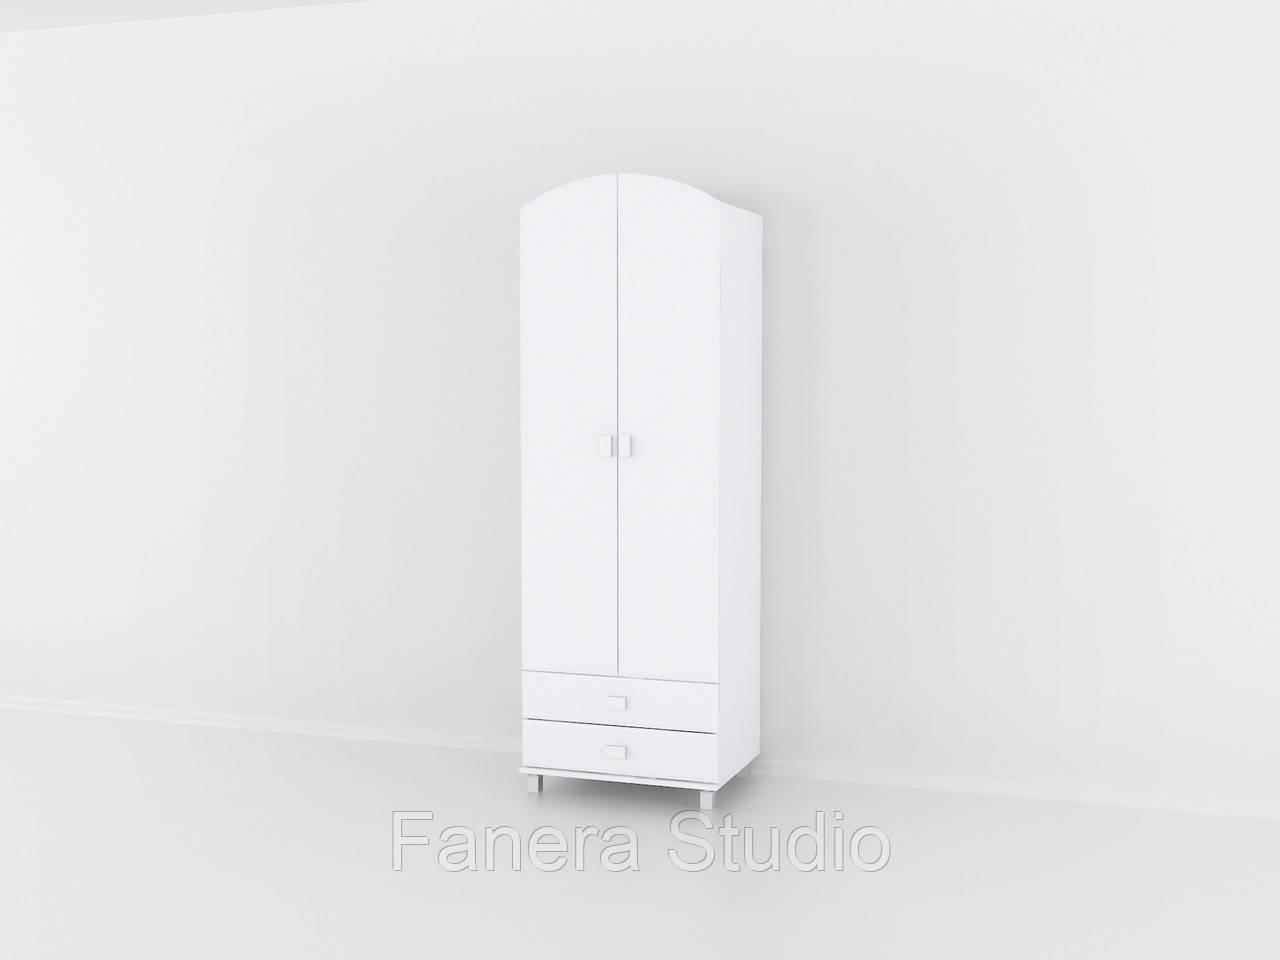 Шафа з двома дверима і двома ящиками для одягу, меблі з вологостійкого МДФ